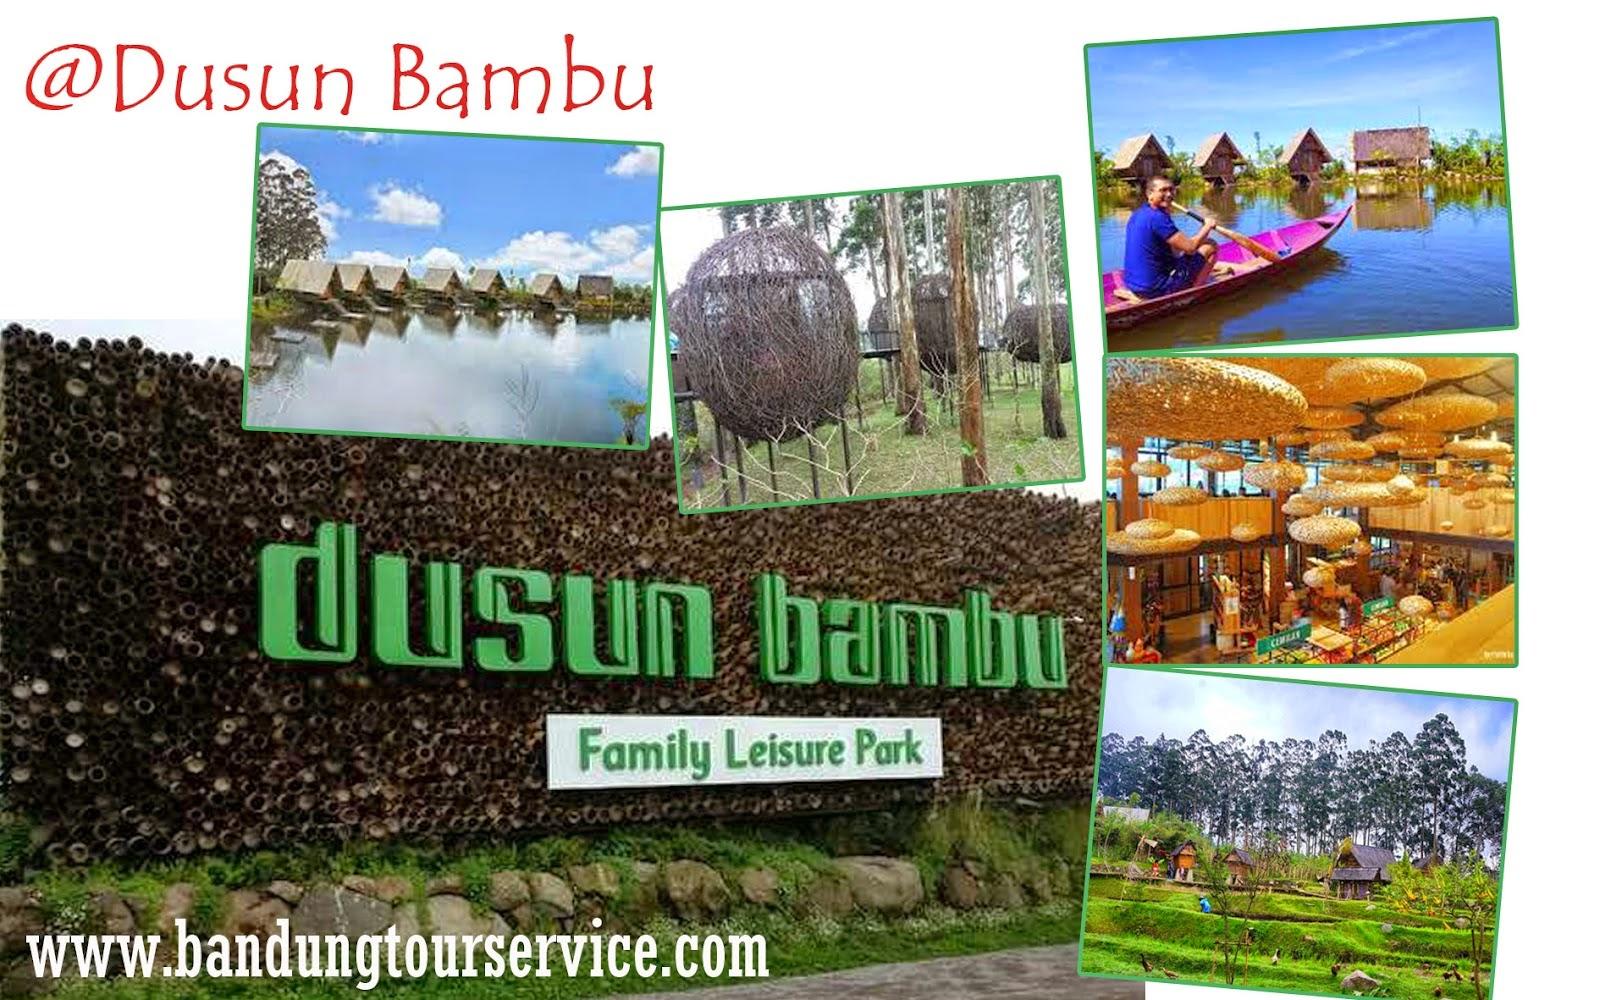 Wisata Dusun Bambu di Bandung Jawa Barat - Dusun Bambu